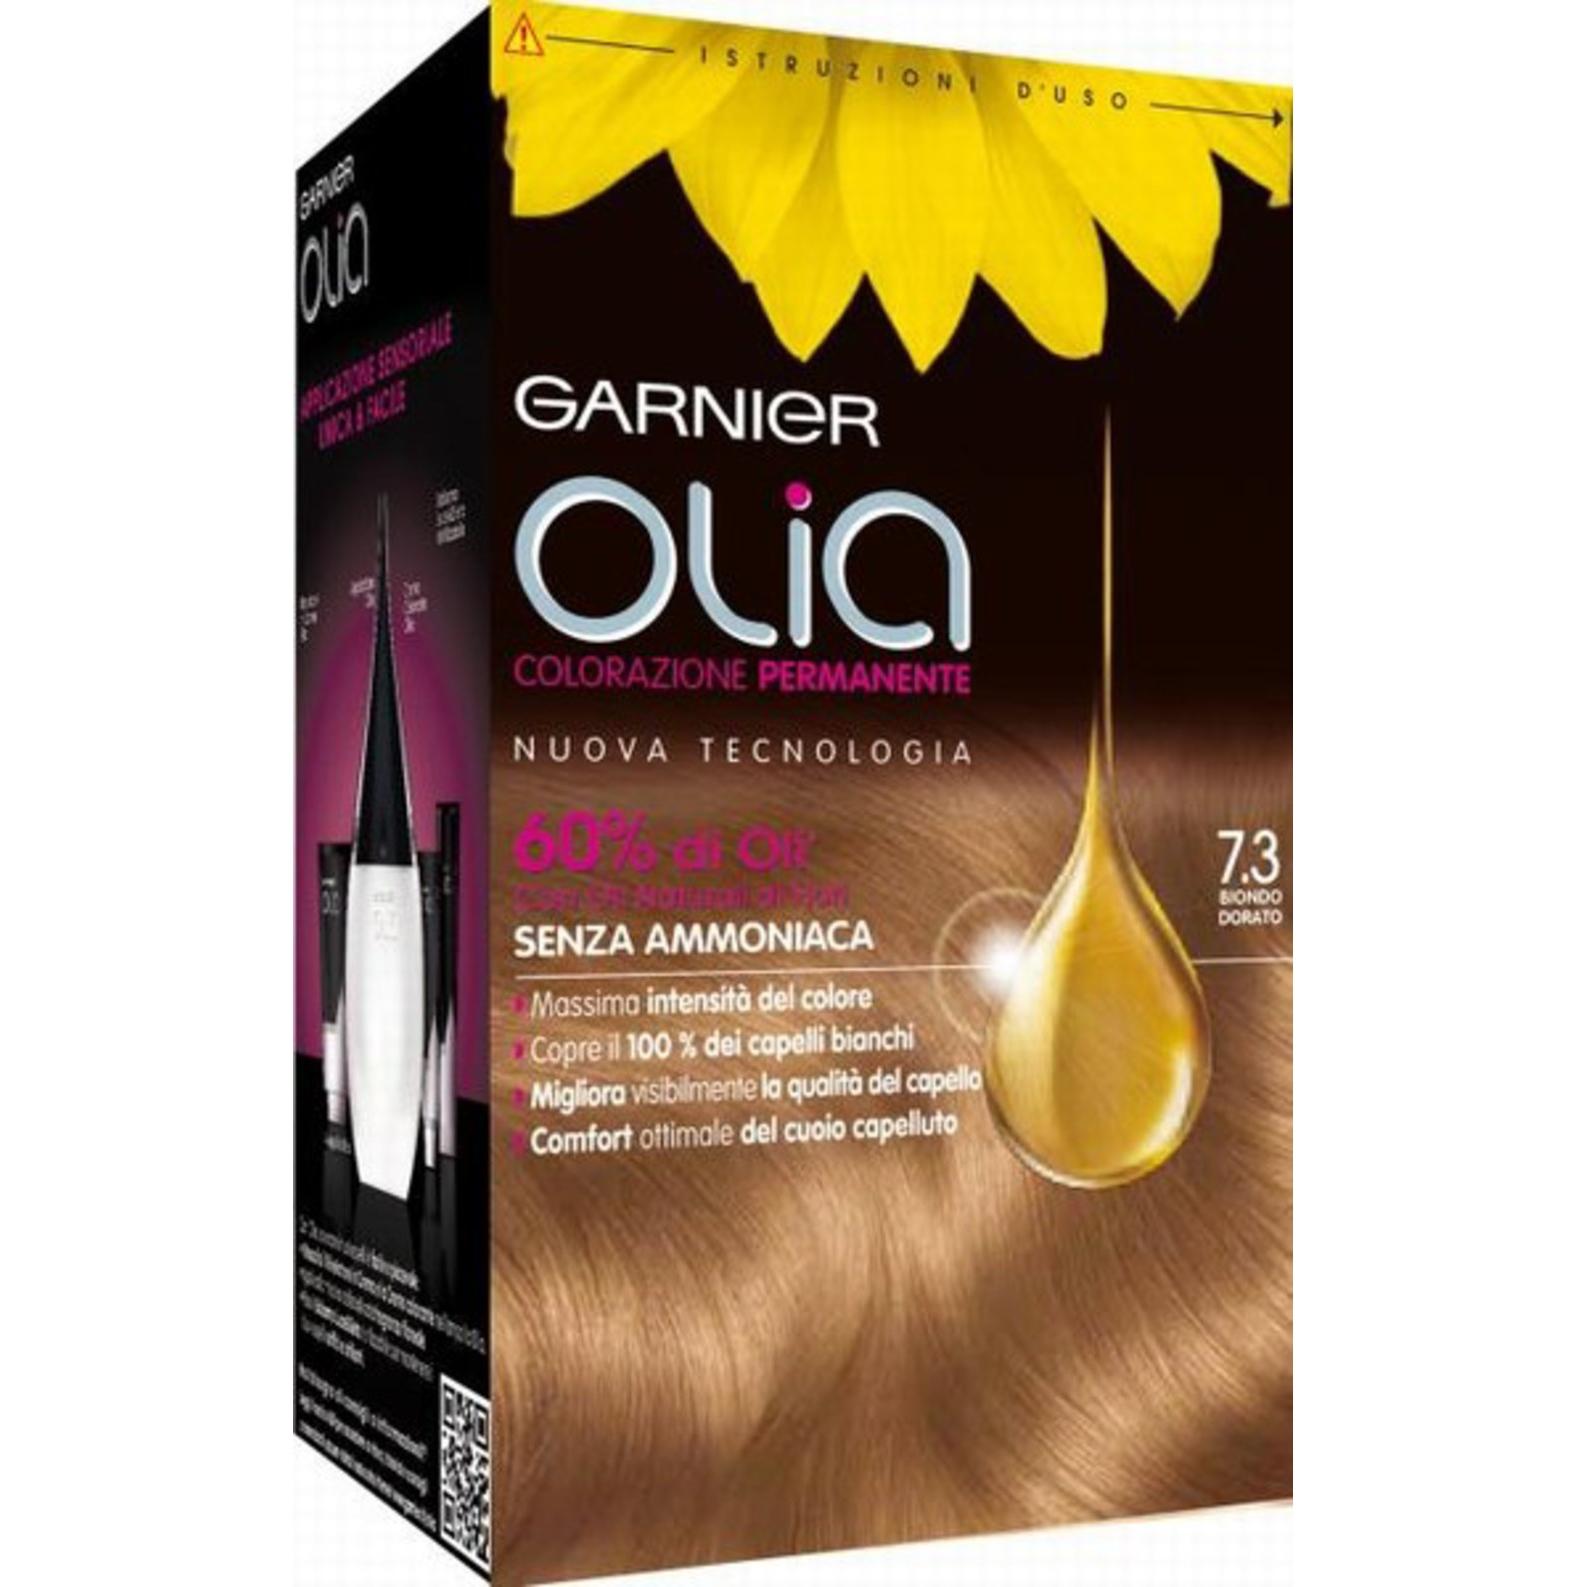 Garnier Tinta per Capelli Colorazione Permanente Senza Ammoniaca 73 Biondo dorato